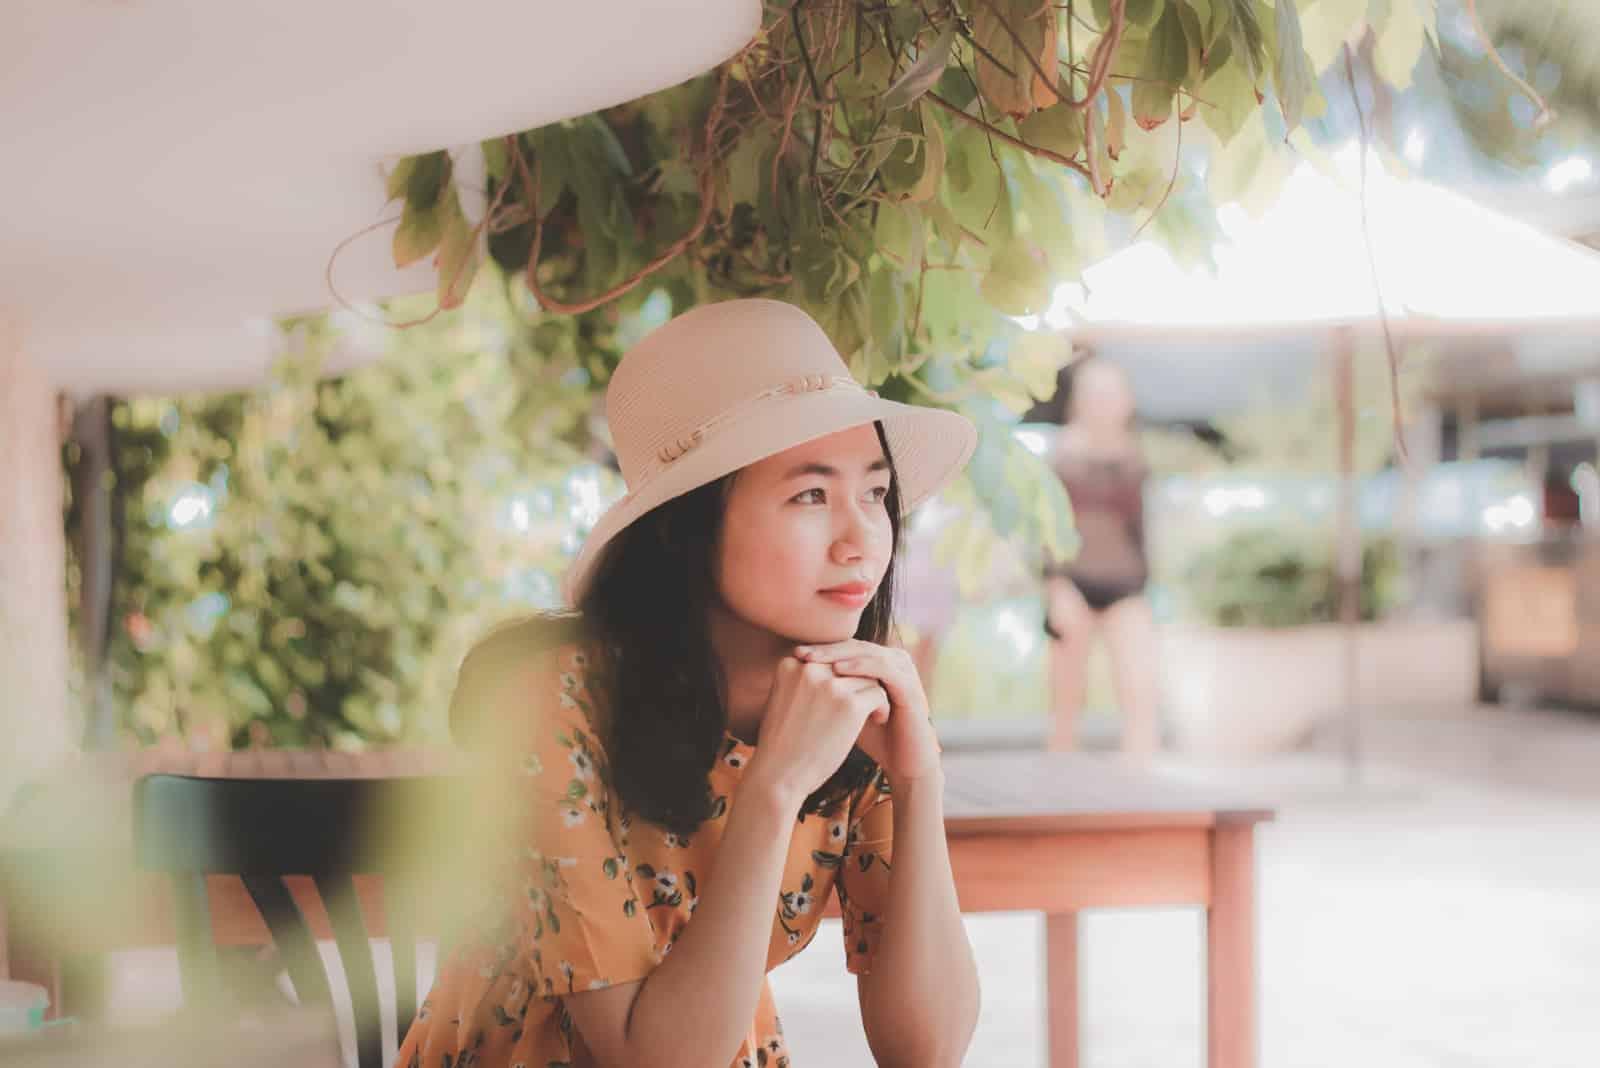 femme pensive avec un chapeau assise sur une chaise